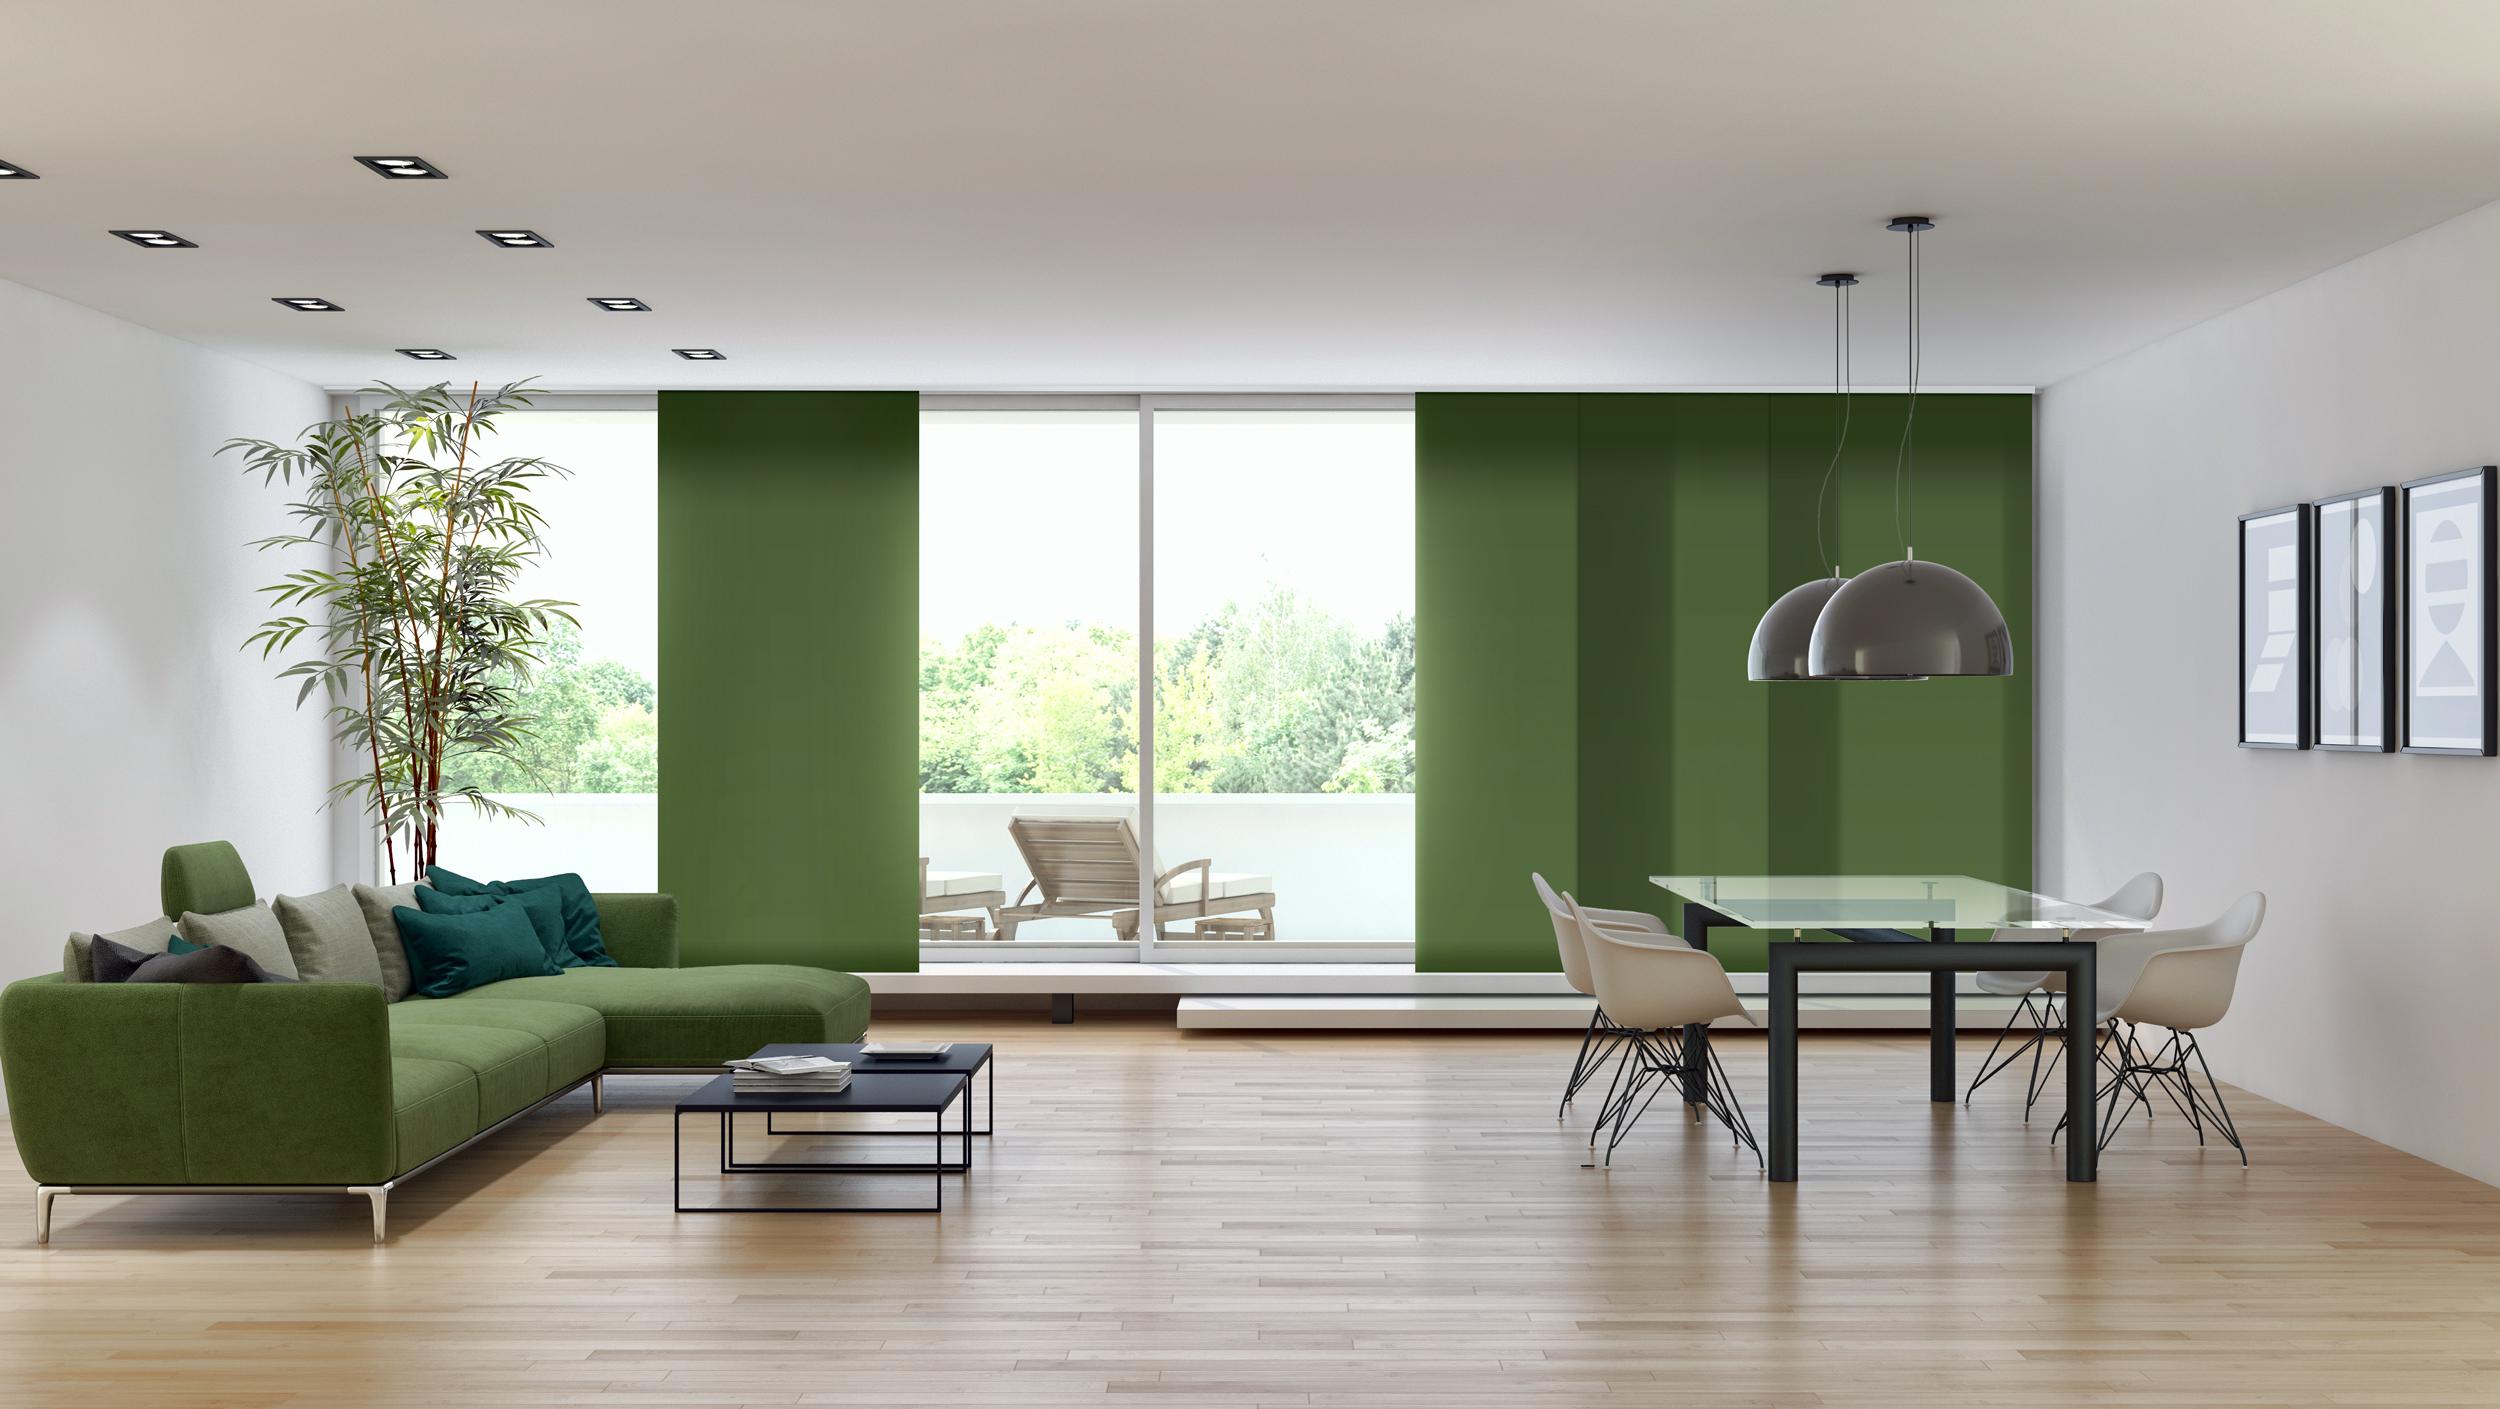 panneau japonais tissu lin pr t poser panneaux japonais rideaux domondo. Black Bedroom Furniture Sets. Home Design Ideas